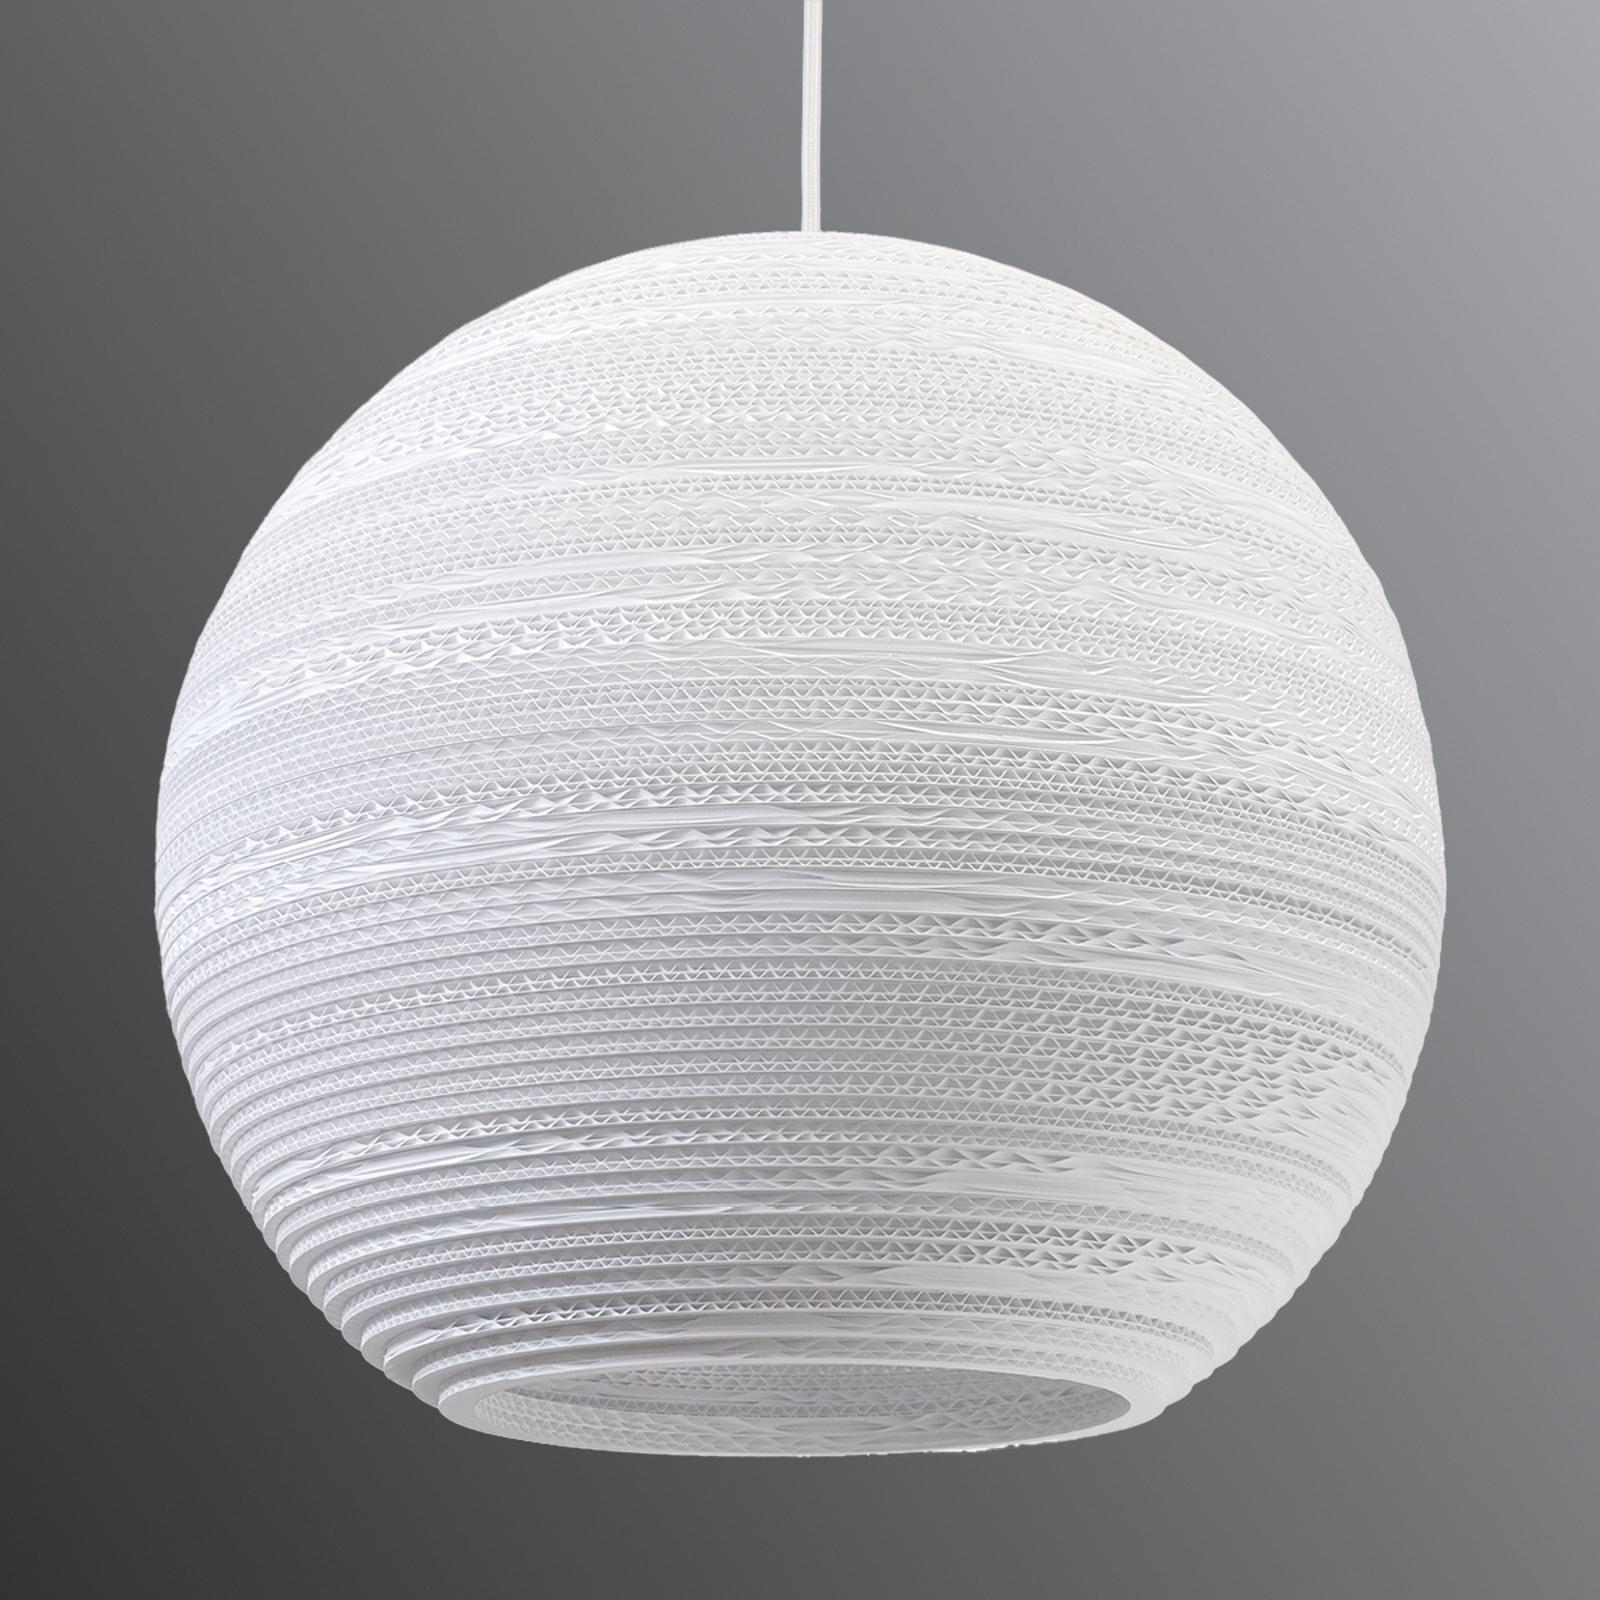 Suspension sphérique Ball - Ø 45cm